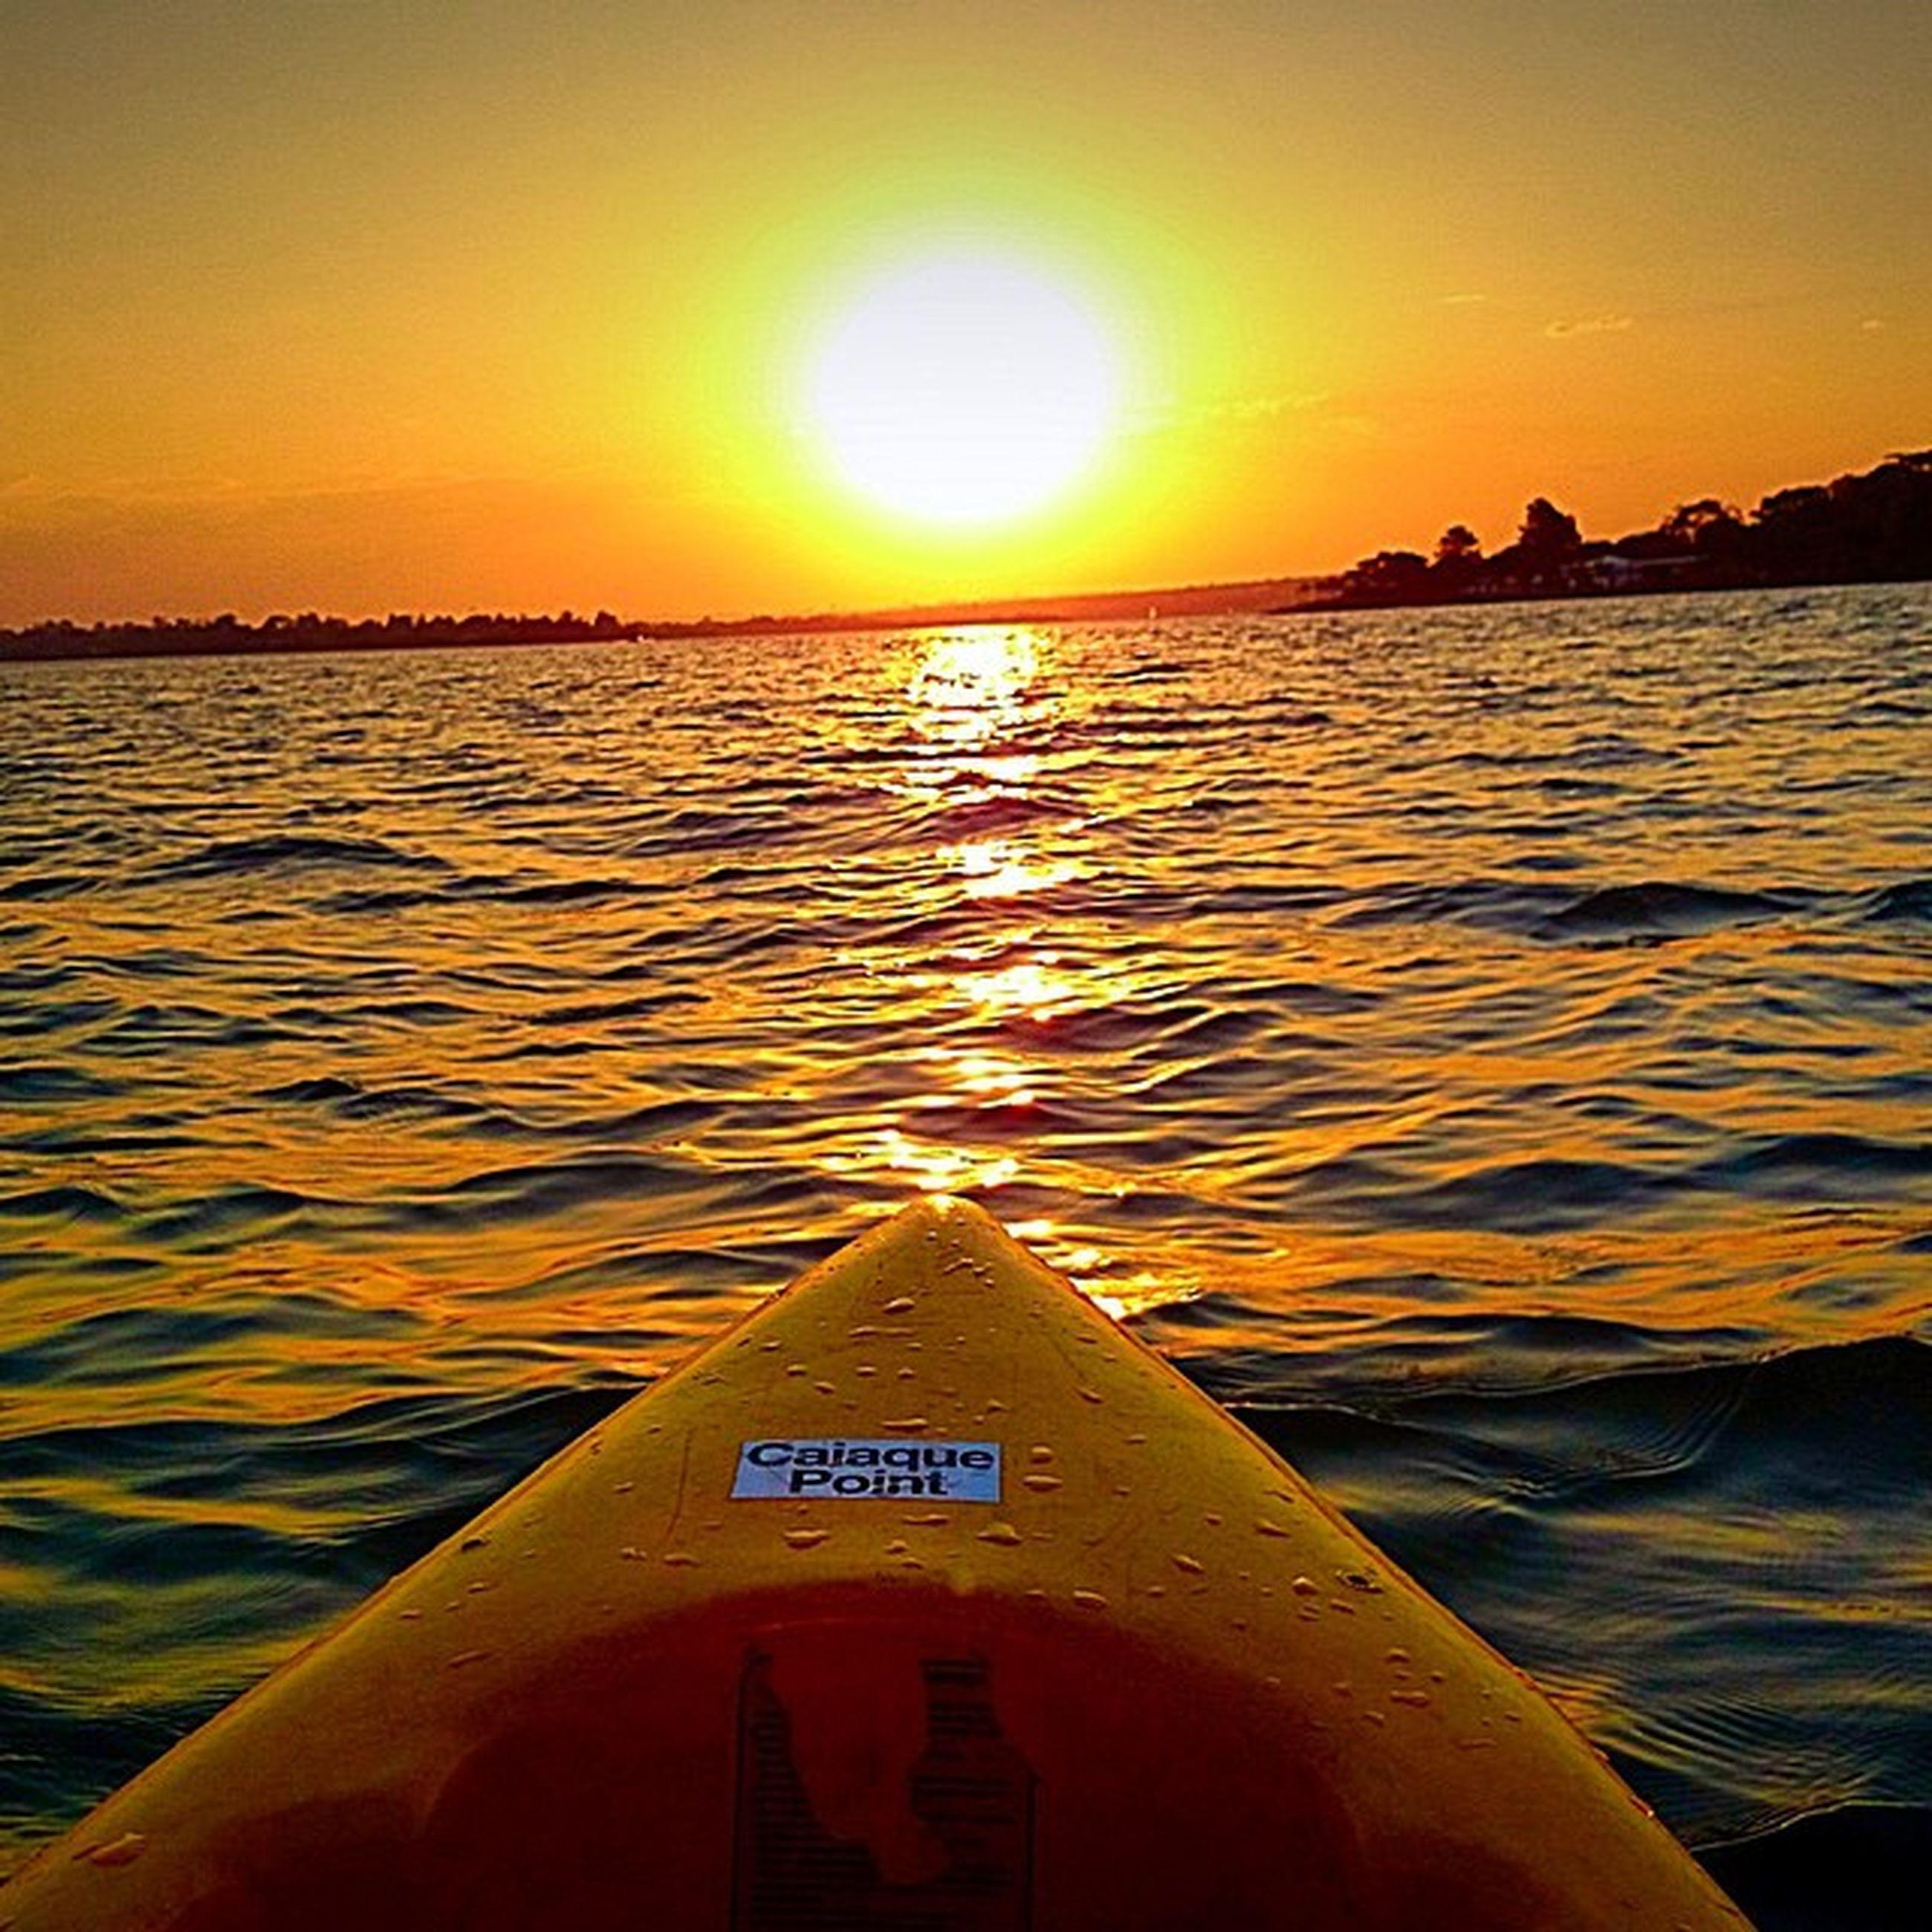 Lagoparanoa Kayak Sunset Nature spring instaday instagood instamood instamoment instagramers